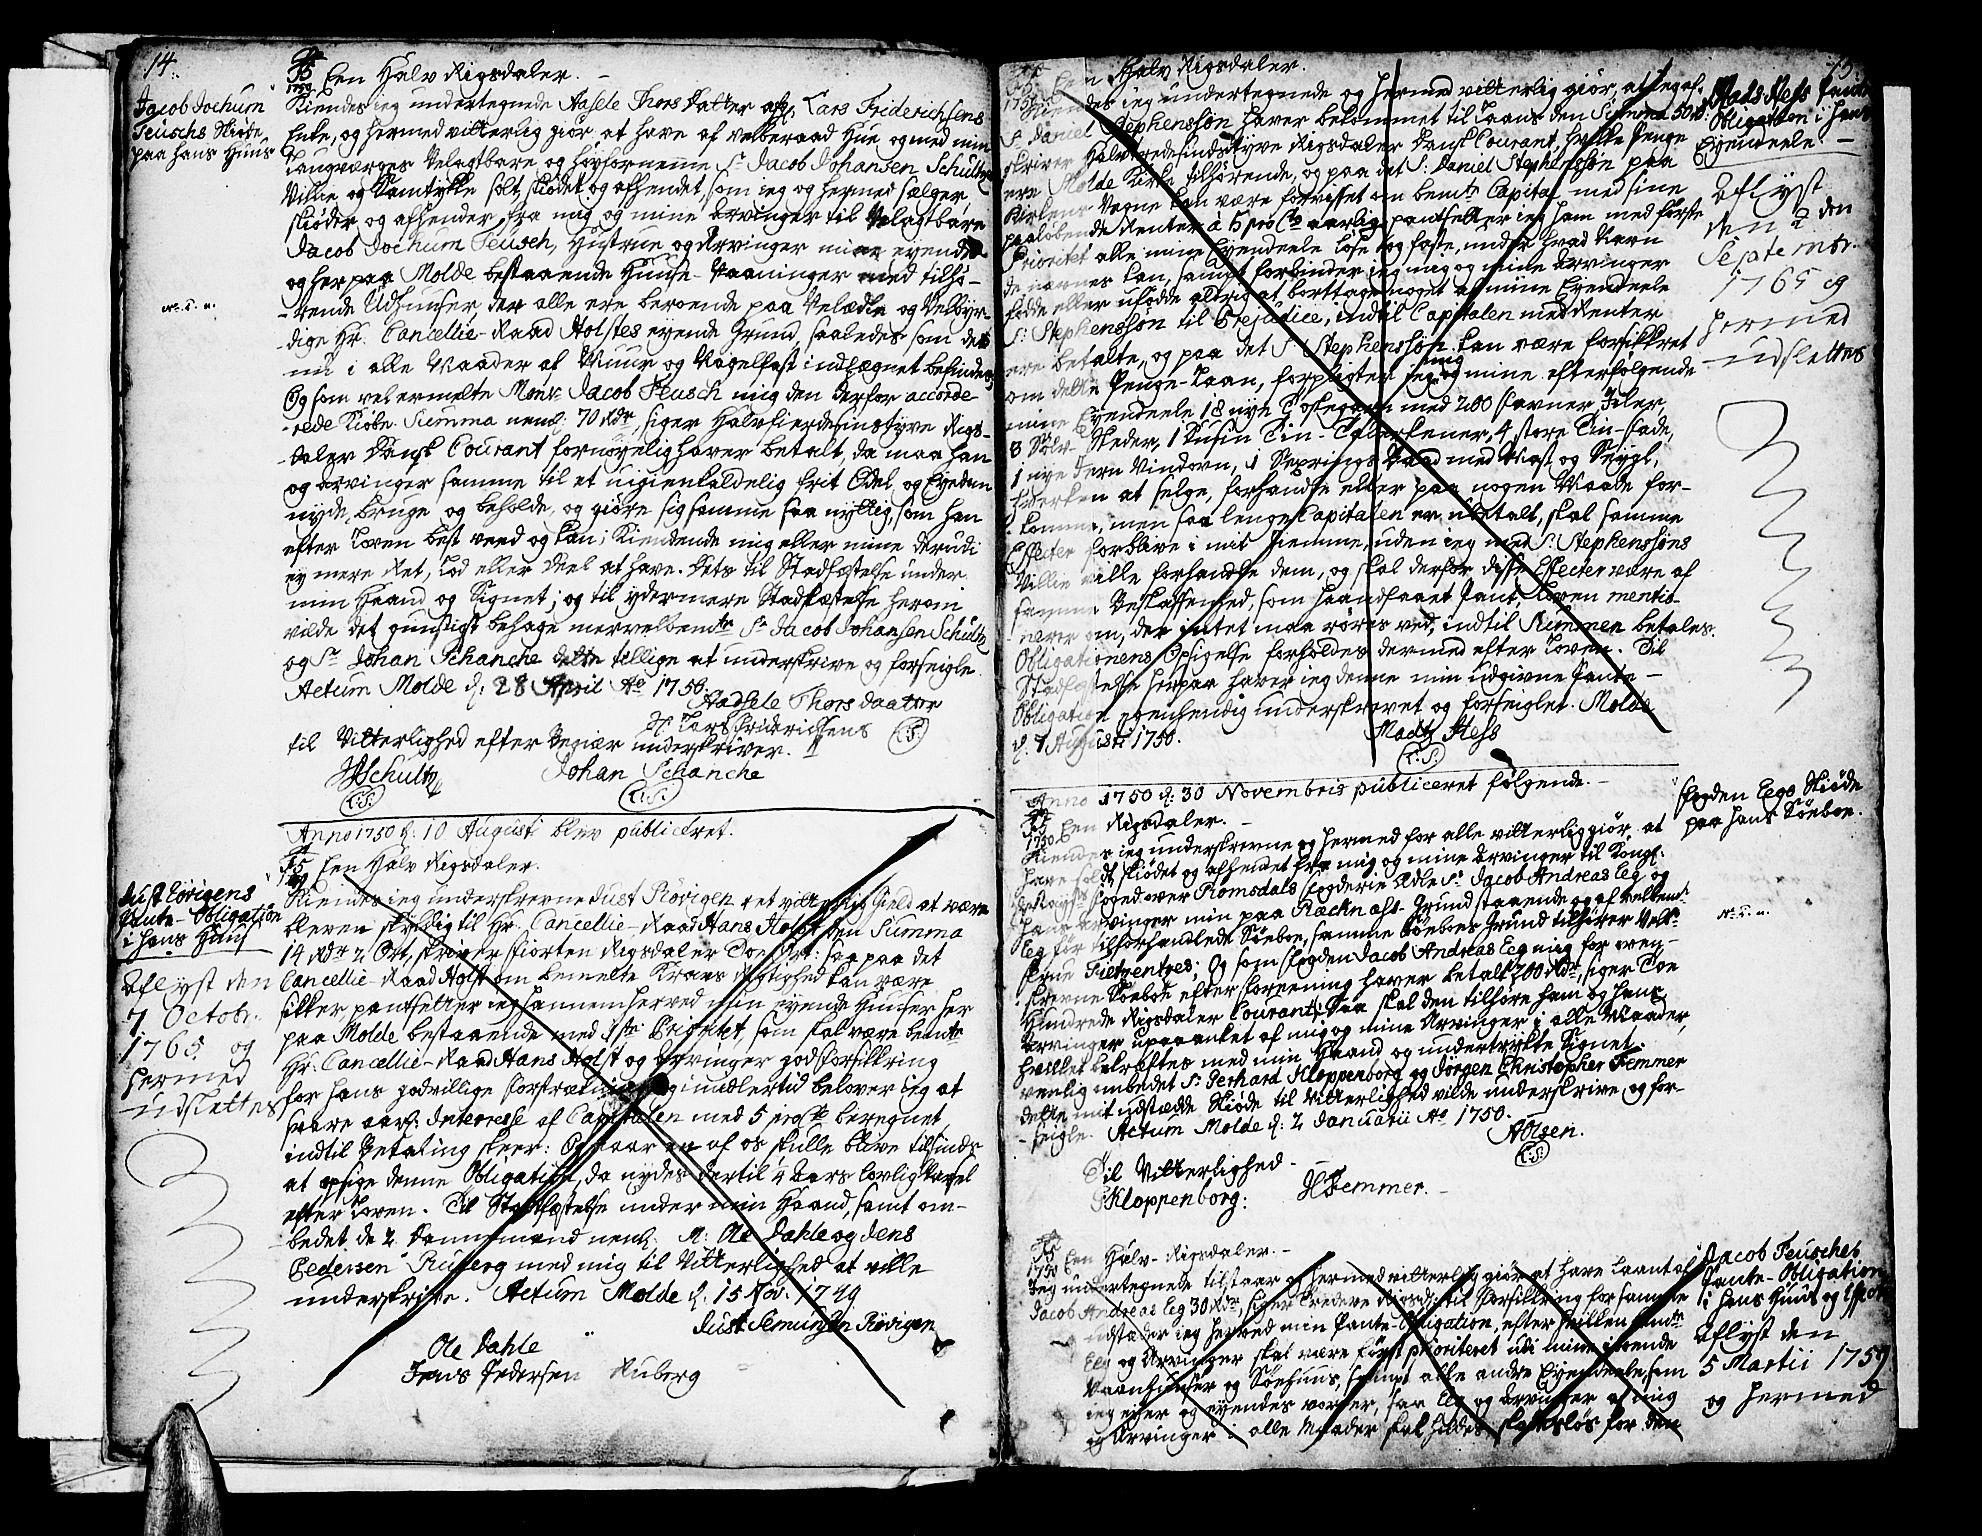 SAT, Molde byfogd, 2/2C/L0001: Pantebok nr. 1, 1748-1823, s. 14-15